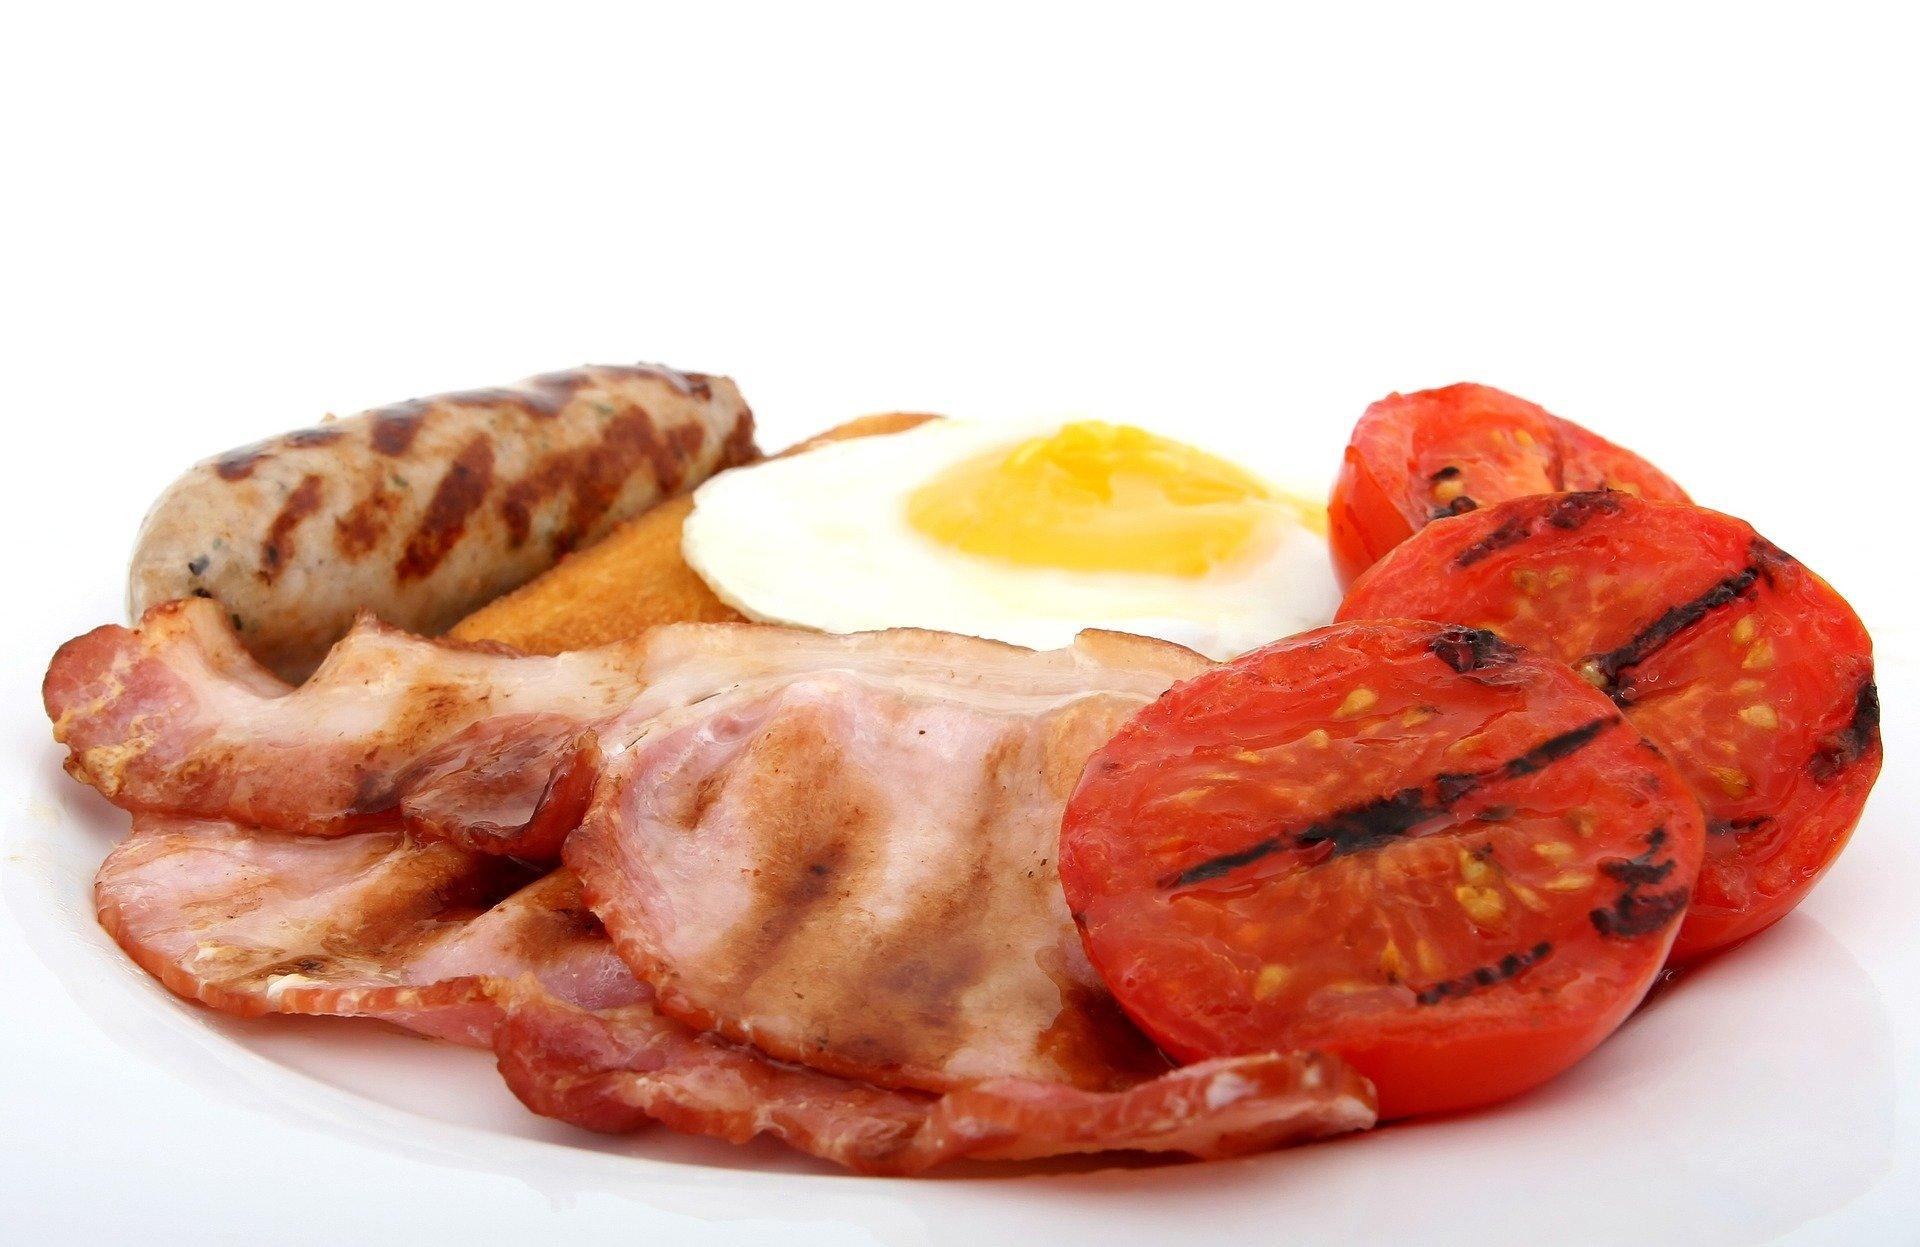 Hohe Leberwerte & Fettleber durch falsche Ernährung?